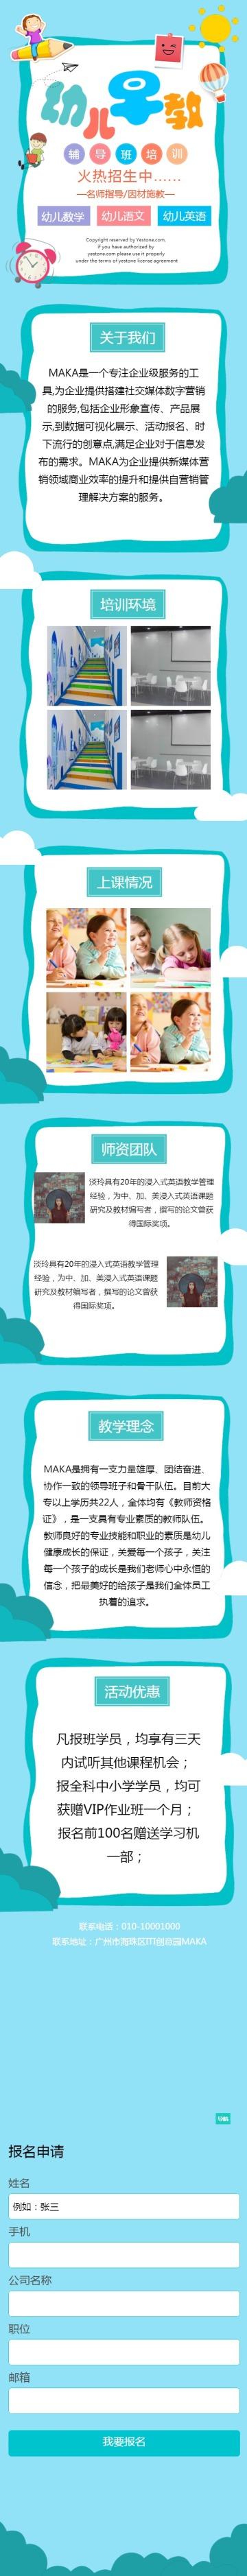 蓝色扁平简约卡通可爱幼儿早教招生宣传单页